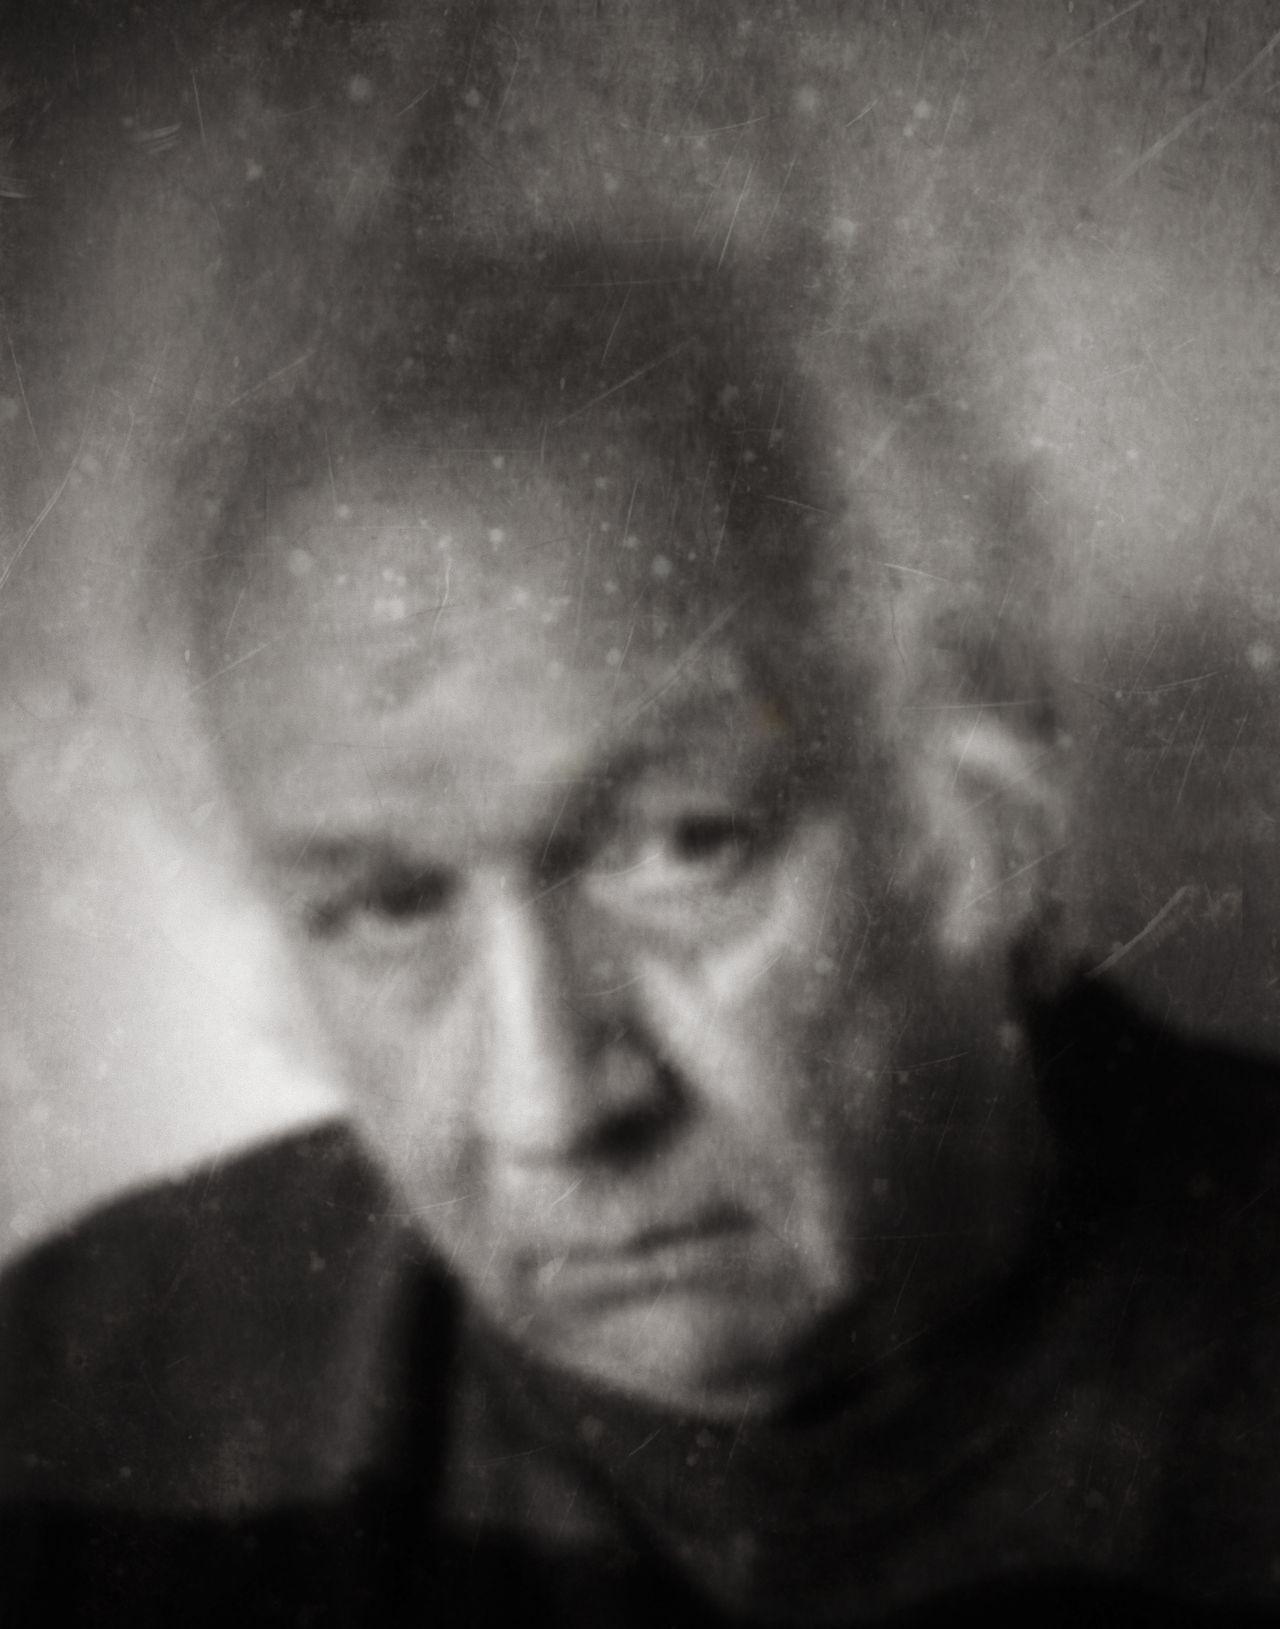 Joseph-Philippe Bevillard